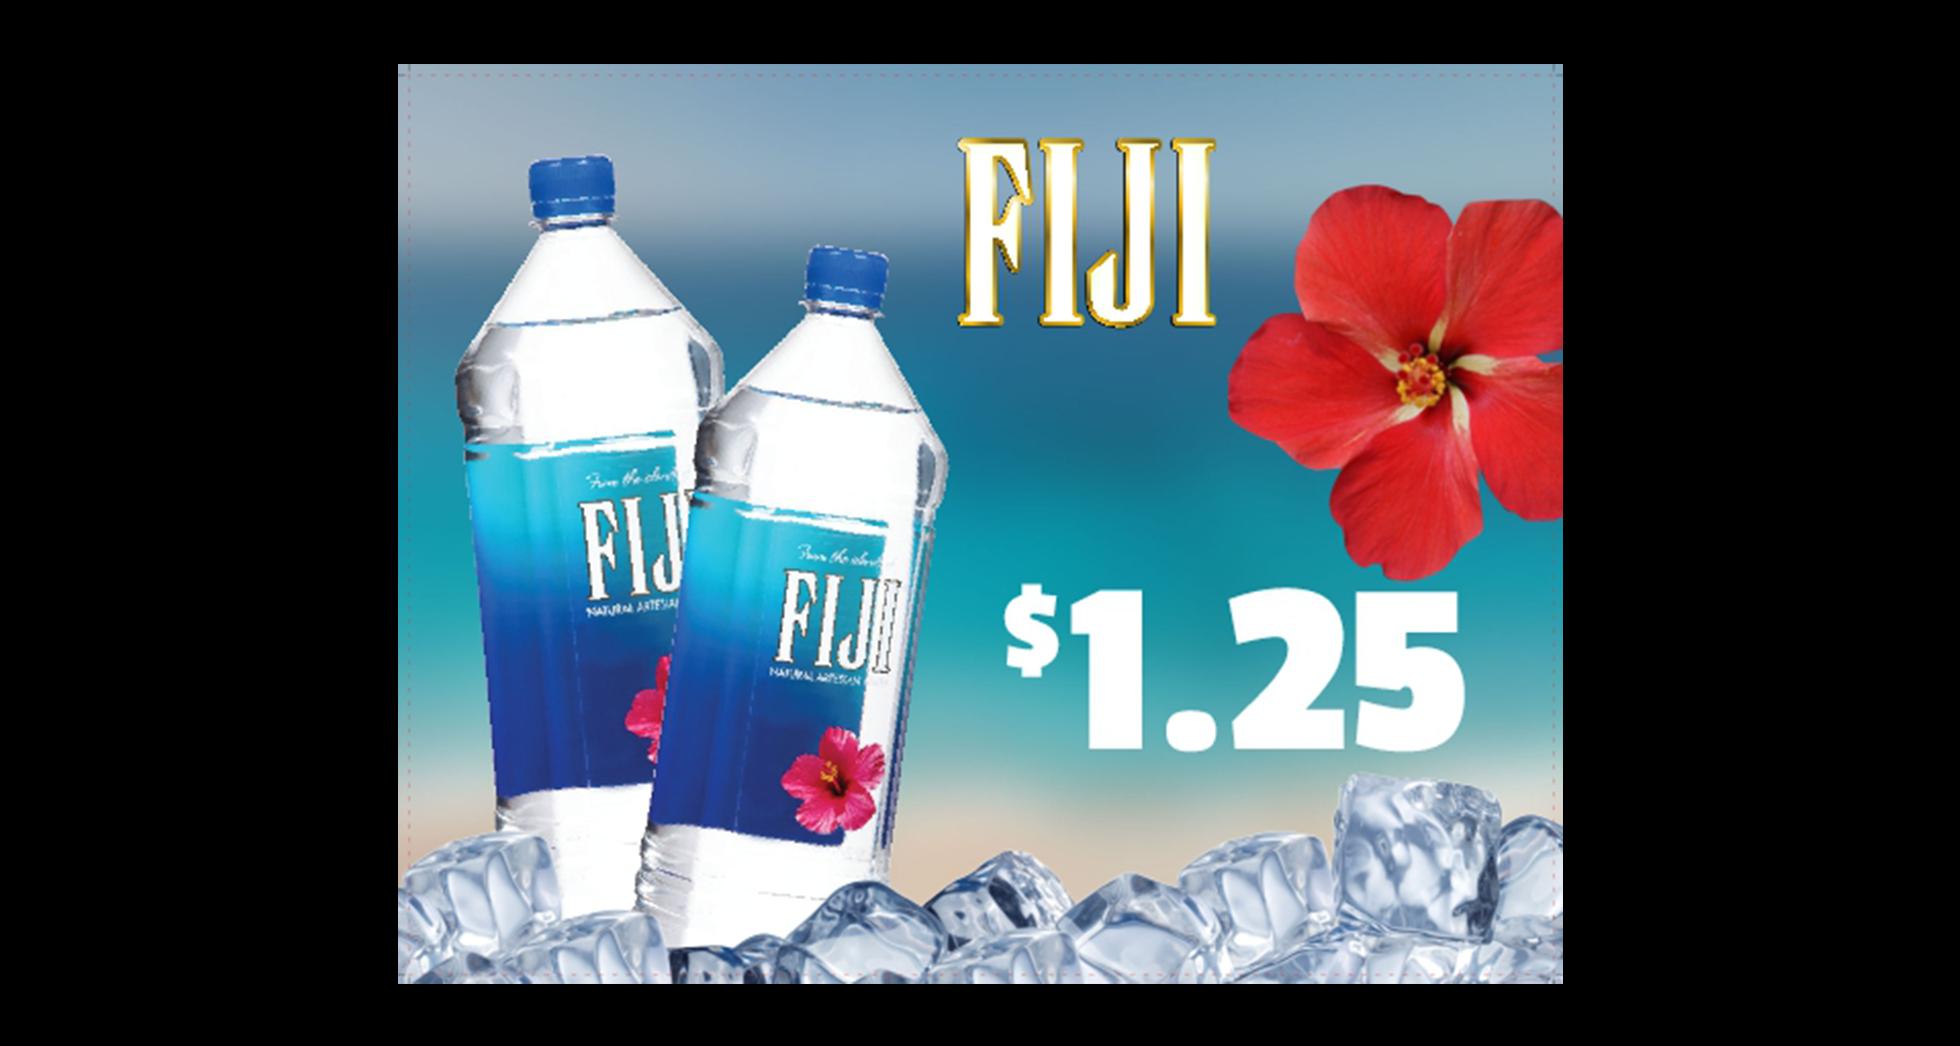 Fiji Water Cstoresignage